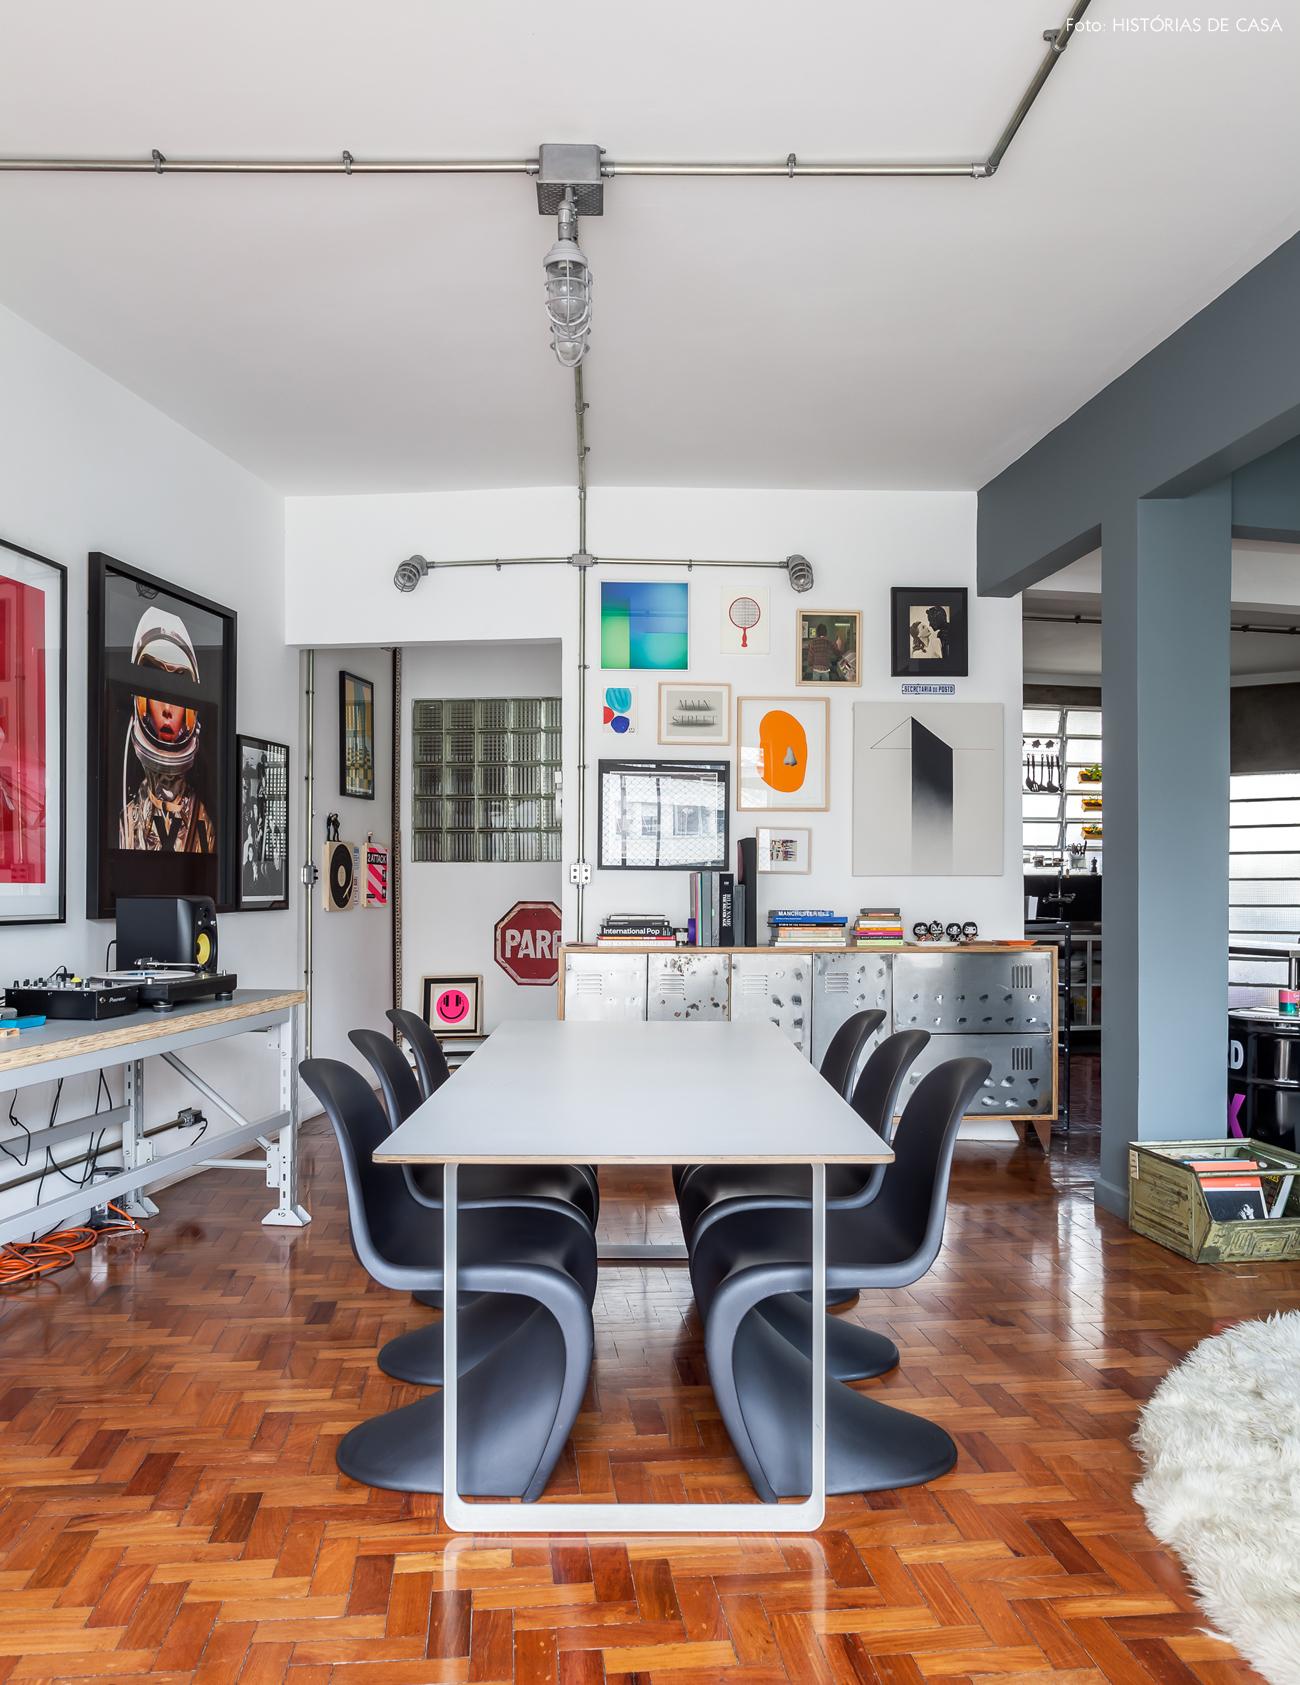 08-decoracao-apartamento-sala-jantar-parede-quadros